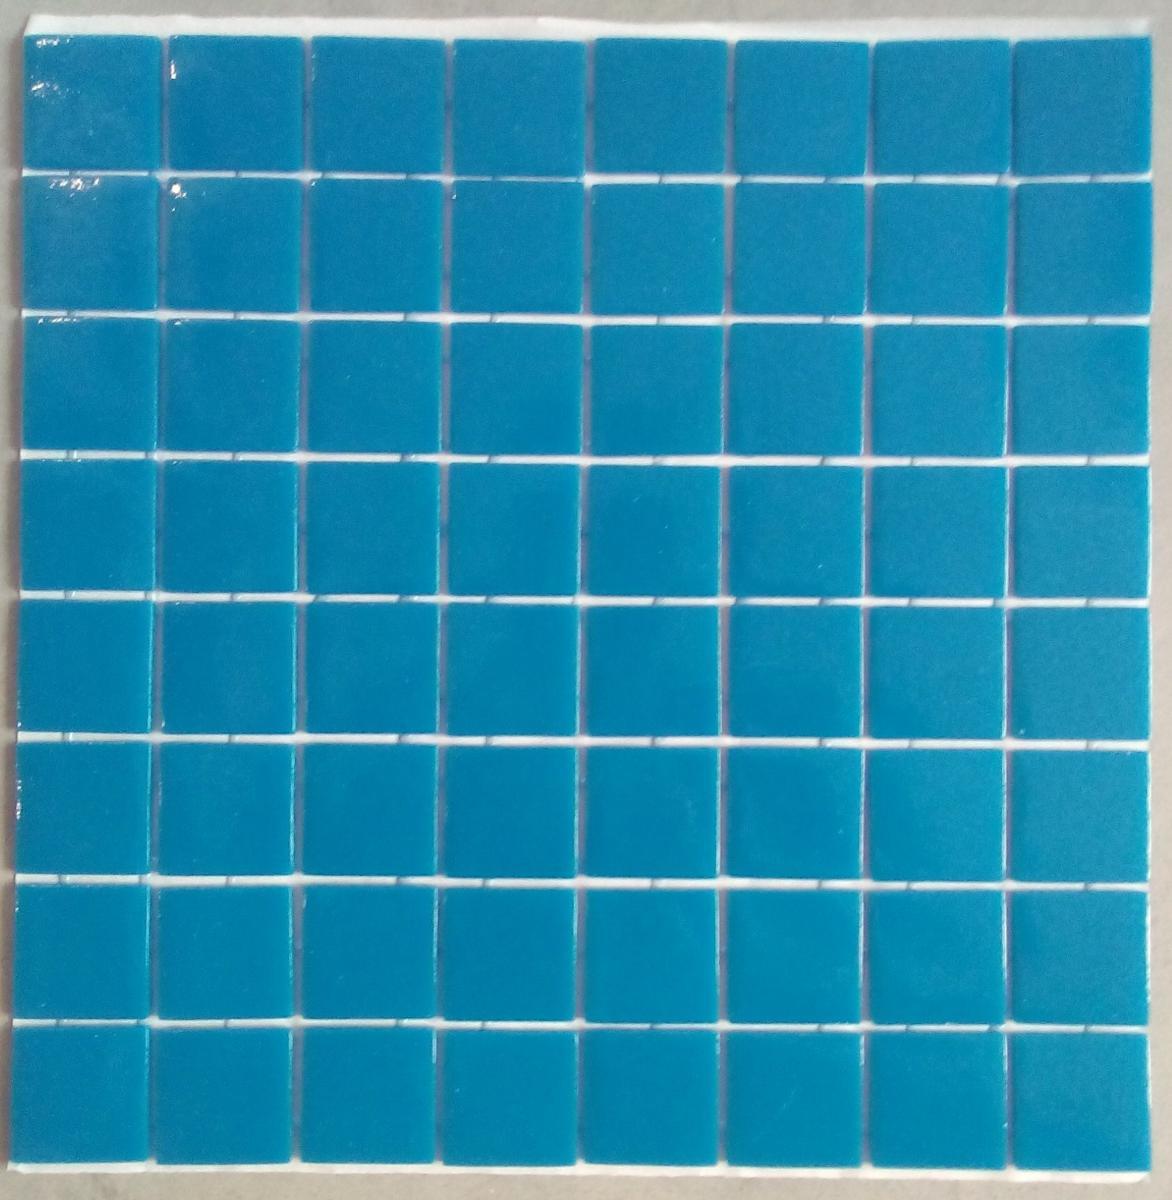 Mosaique Salle De Bain Bleu ~ mosa que carrelage bleu de prusse 4 cm par plaque achat mosa que